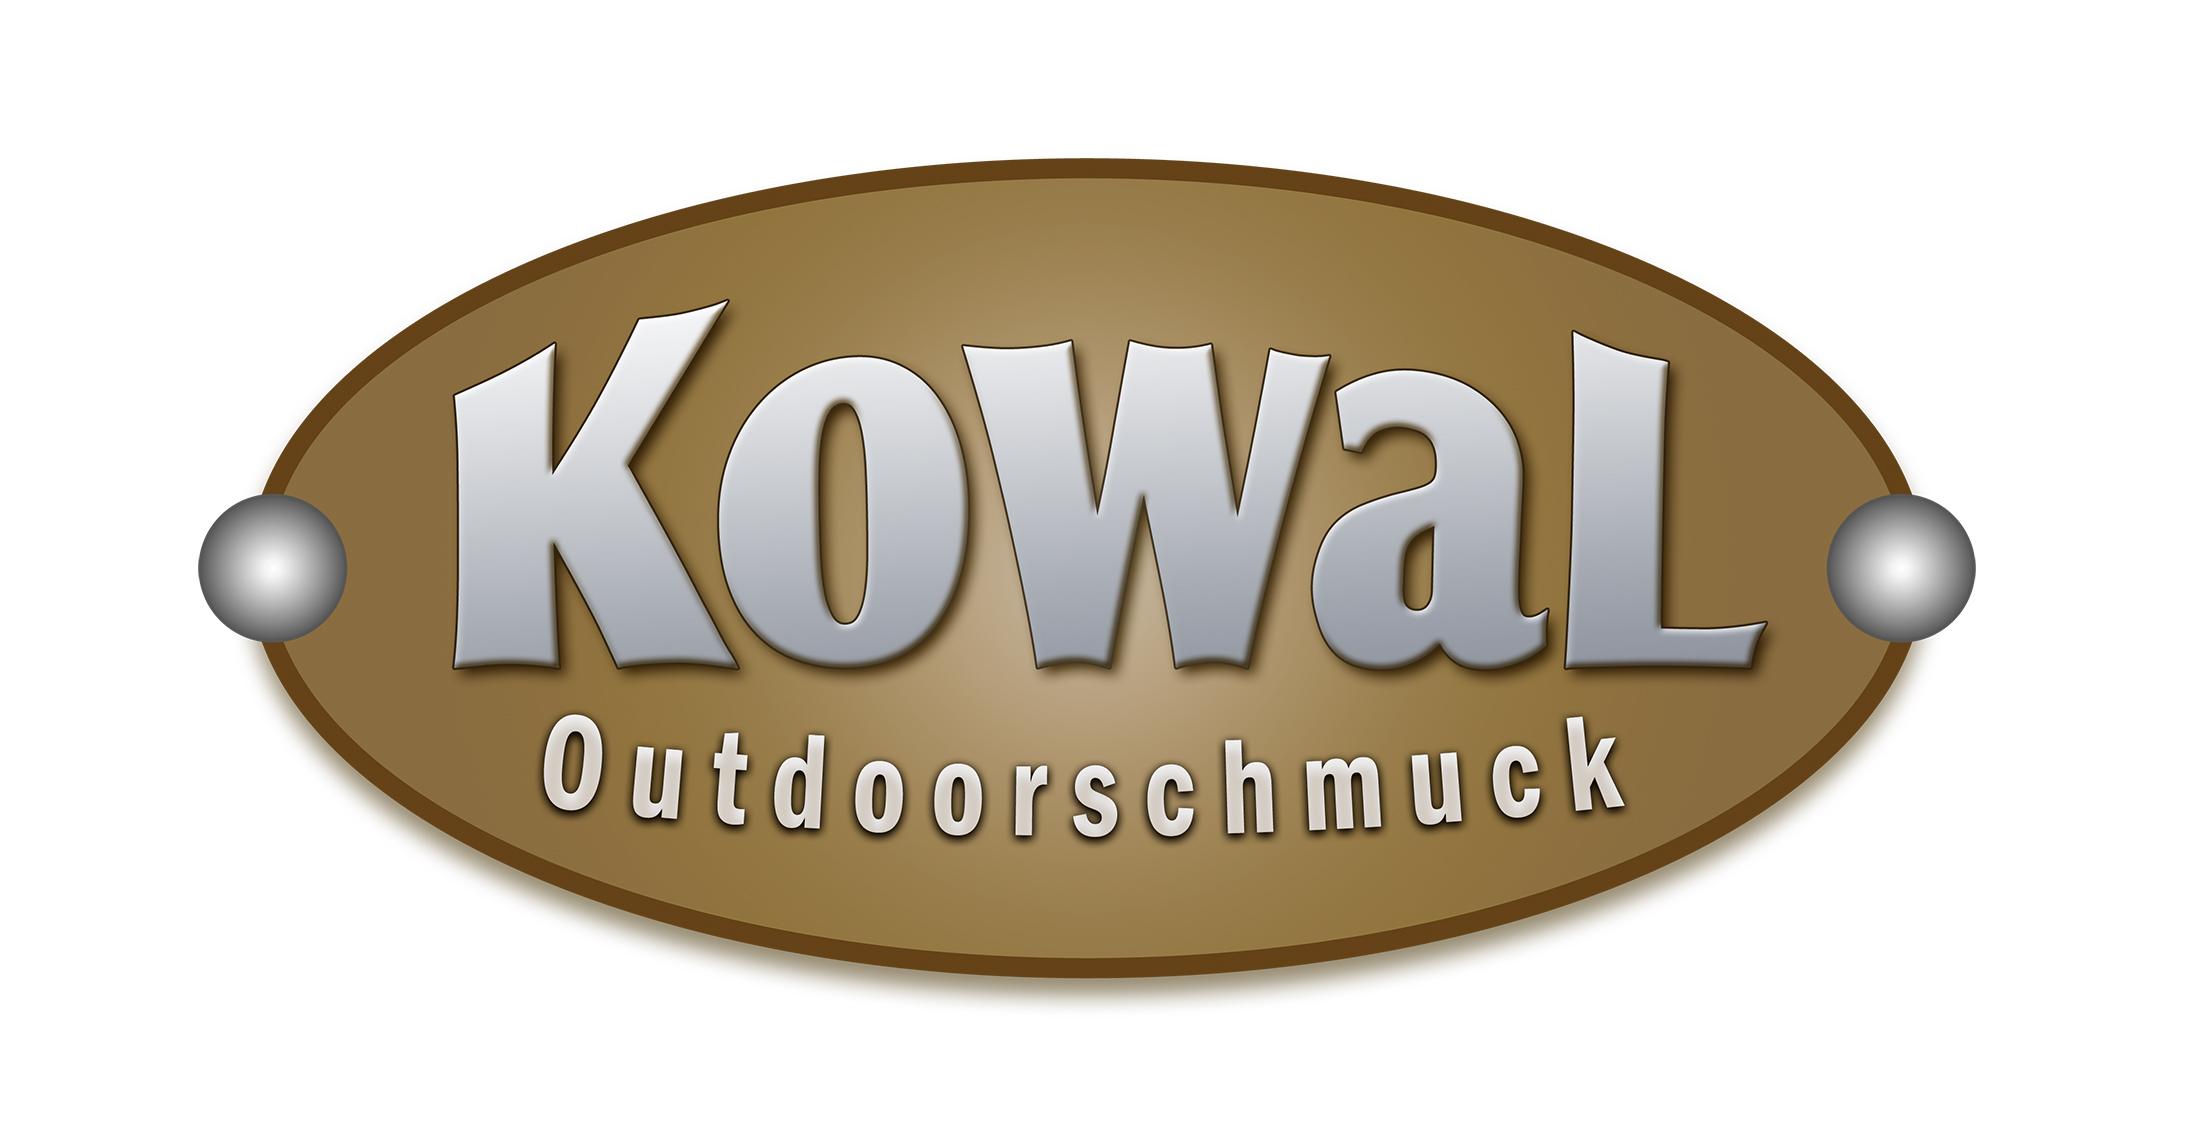 Kowal Outdoorschmuck, Rinteln